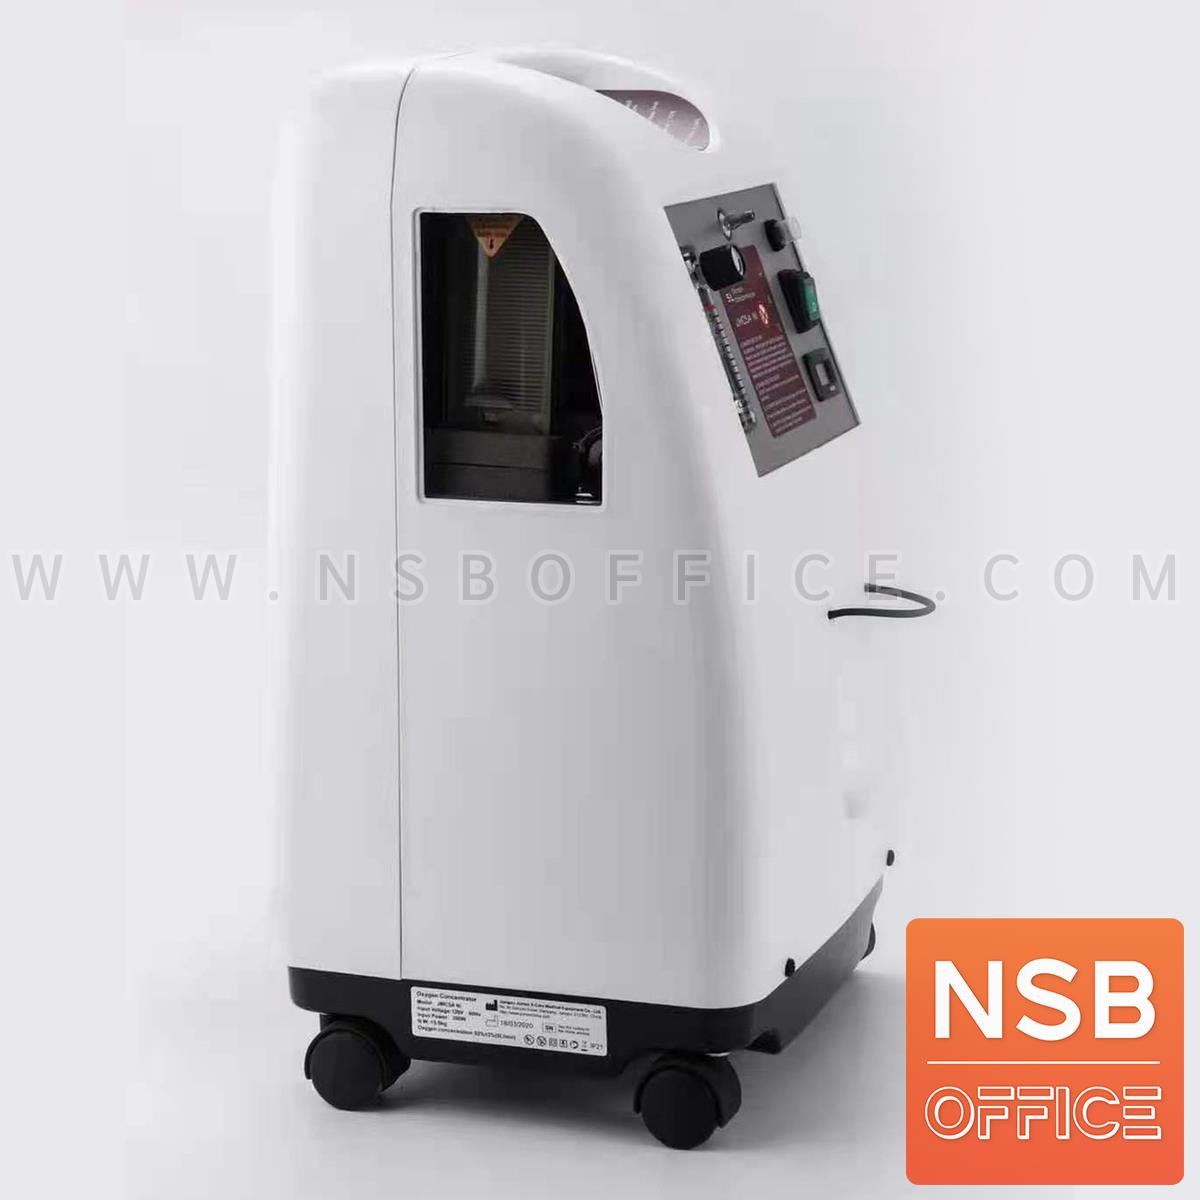 เครื่องผลิตออกซิเจน Portable Oxygen Concentrator Model Jumao JMC-5A Ni  ขนาด 5 ลิตร ล้อเลื่อน